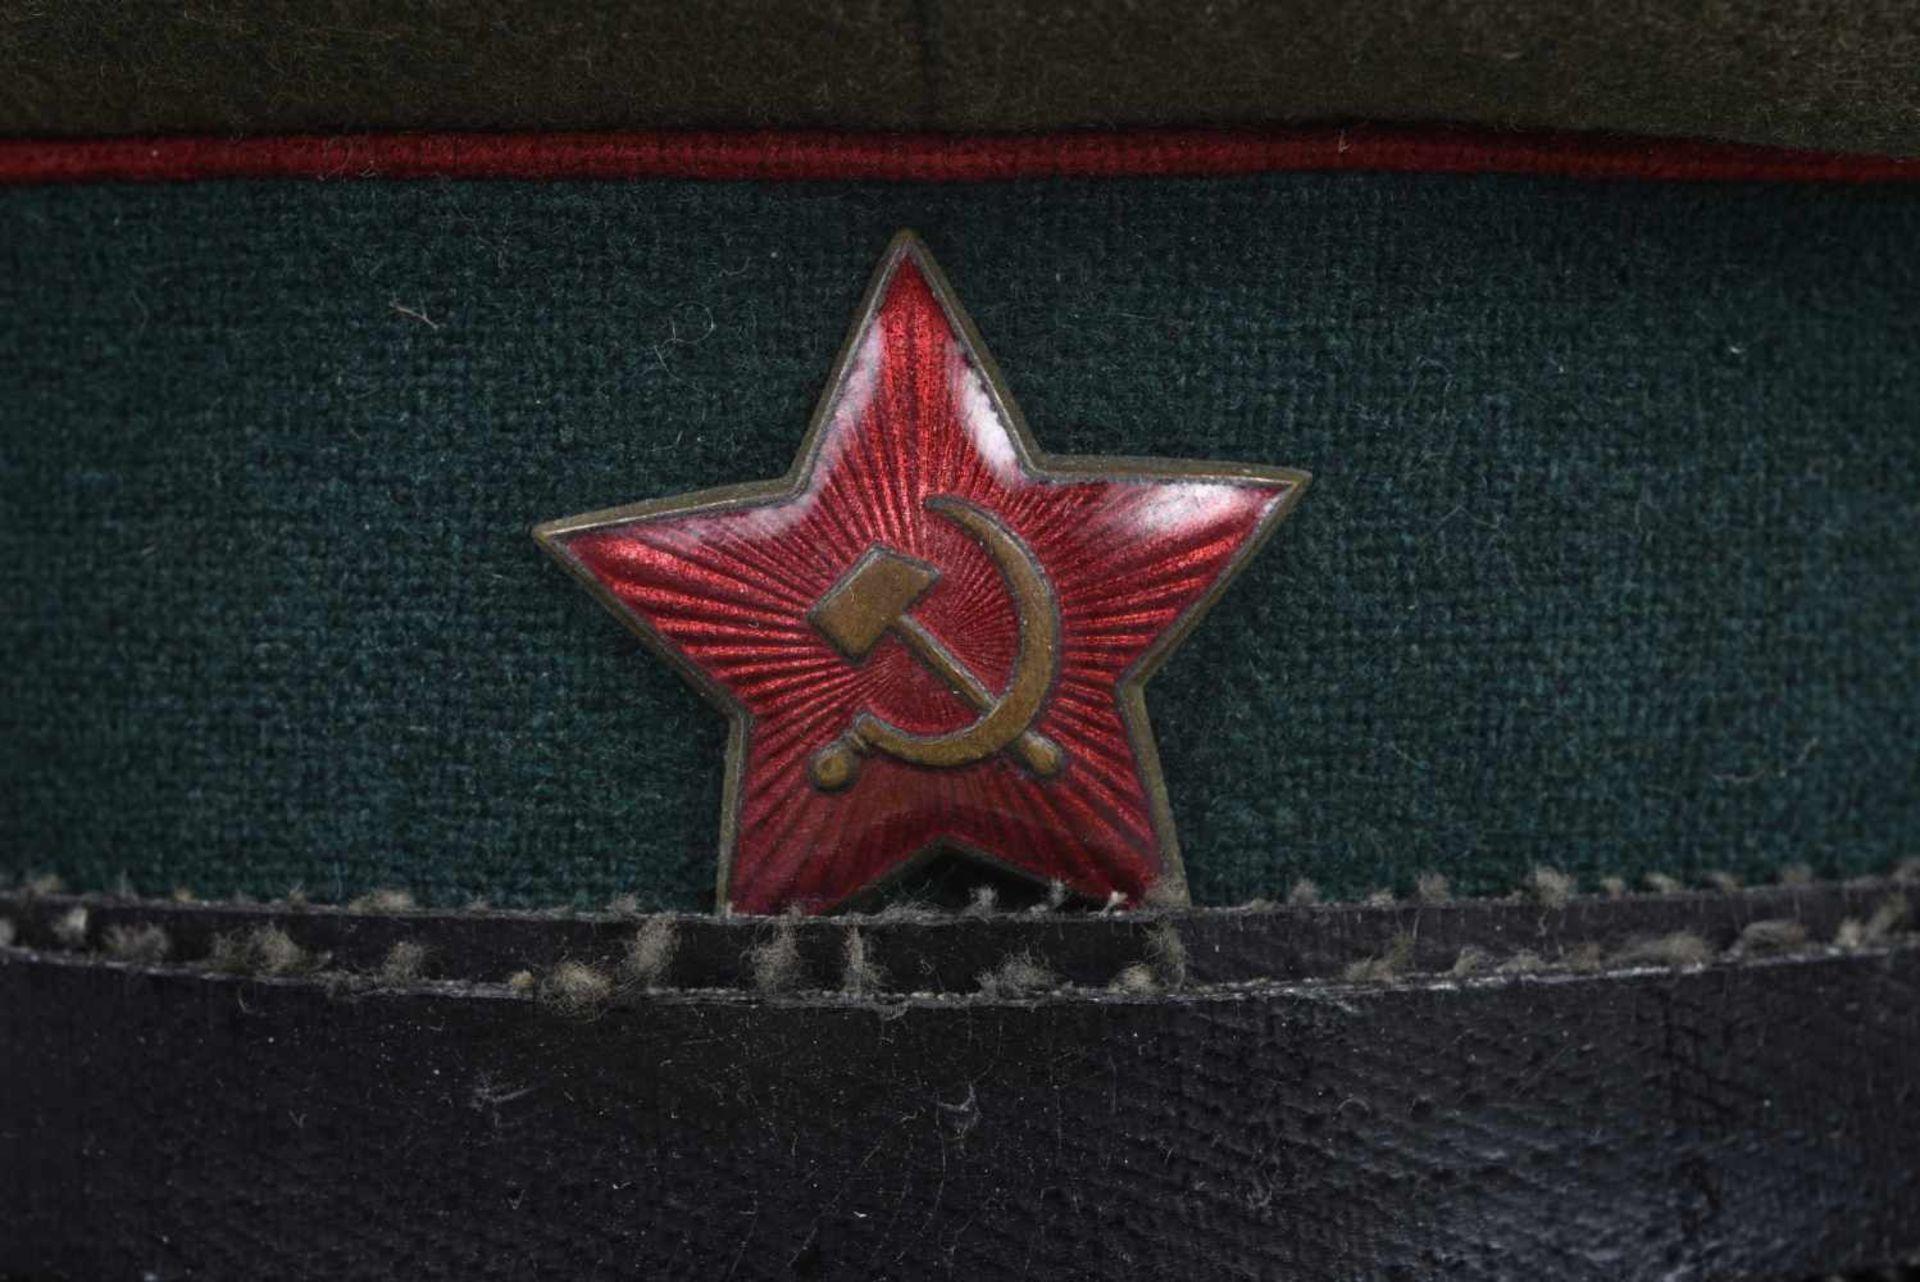 Casquette M.35 Service médical bandeau vert, passepoil rouge, taille 57/58, très belle, une des - Bild 4 aus 4